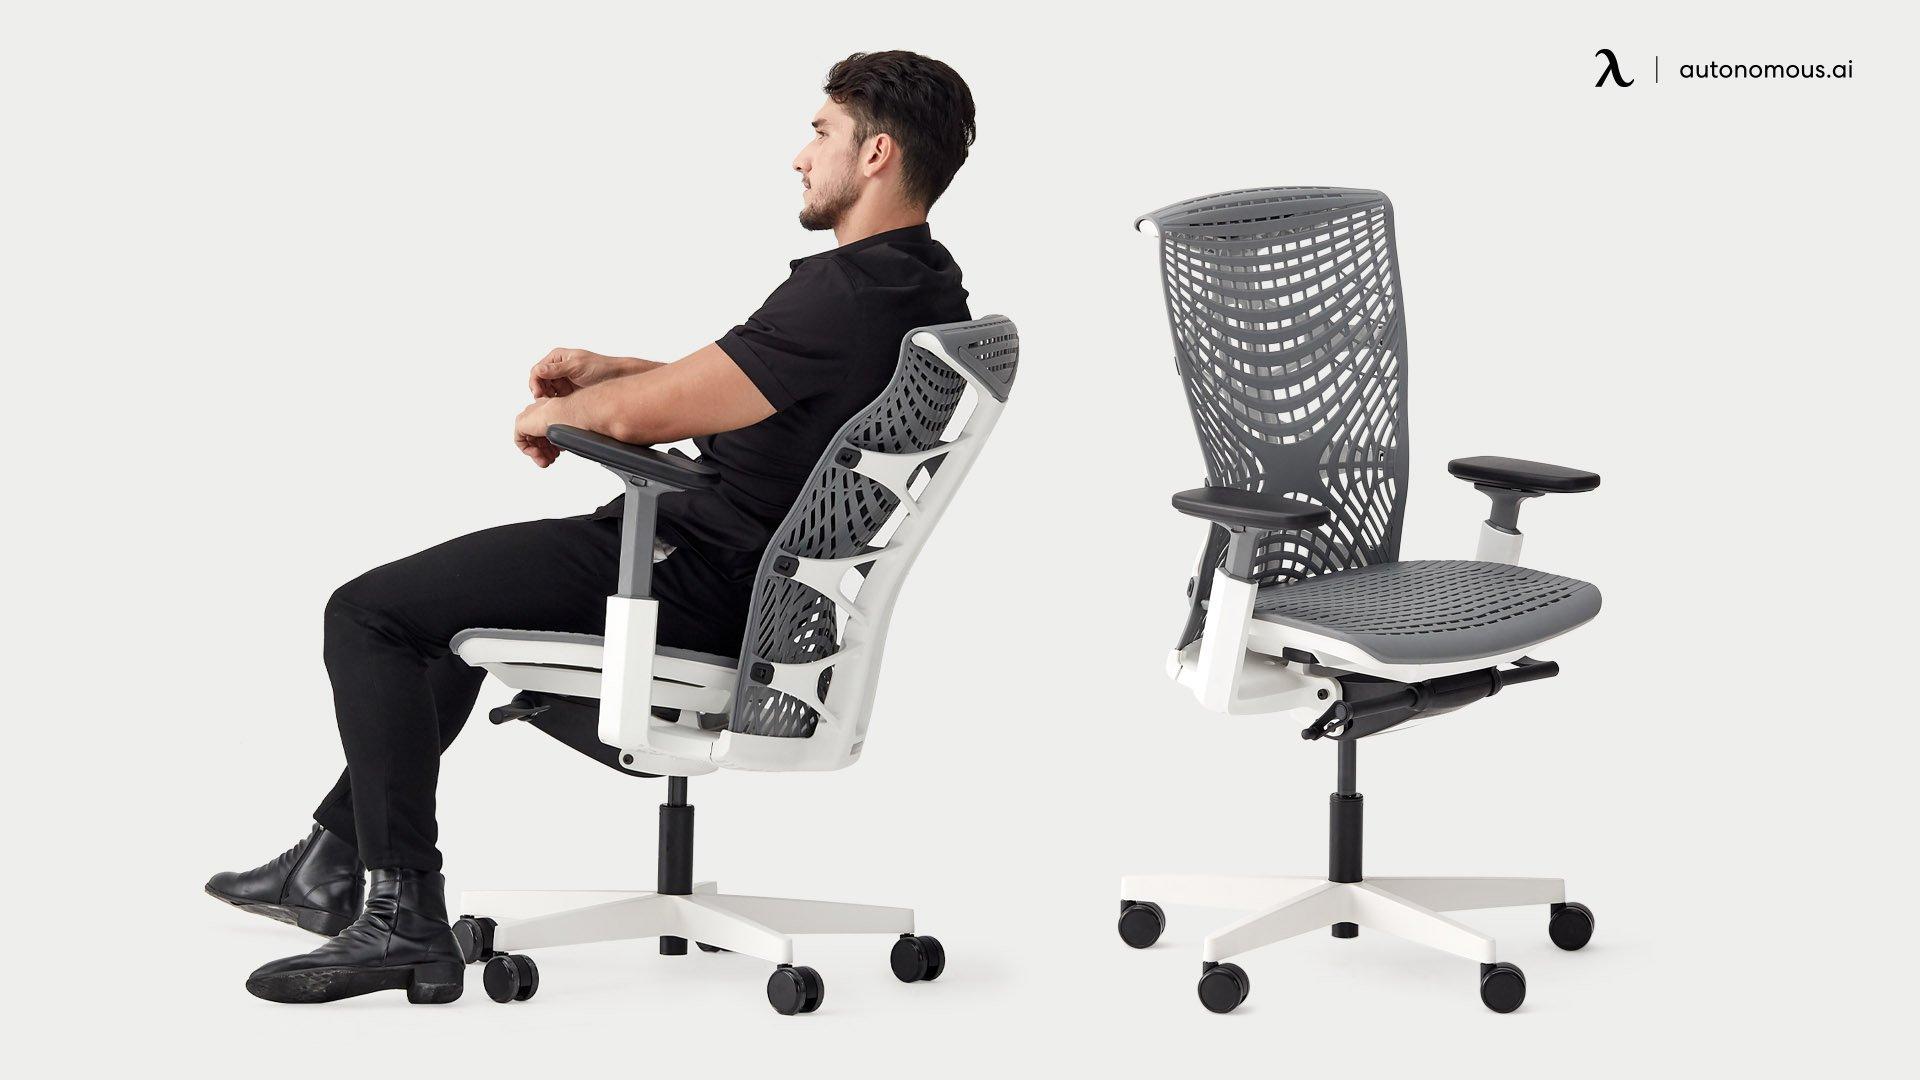 Kinn Chair Overview